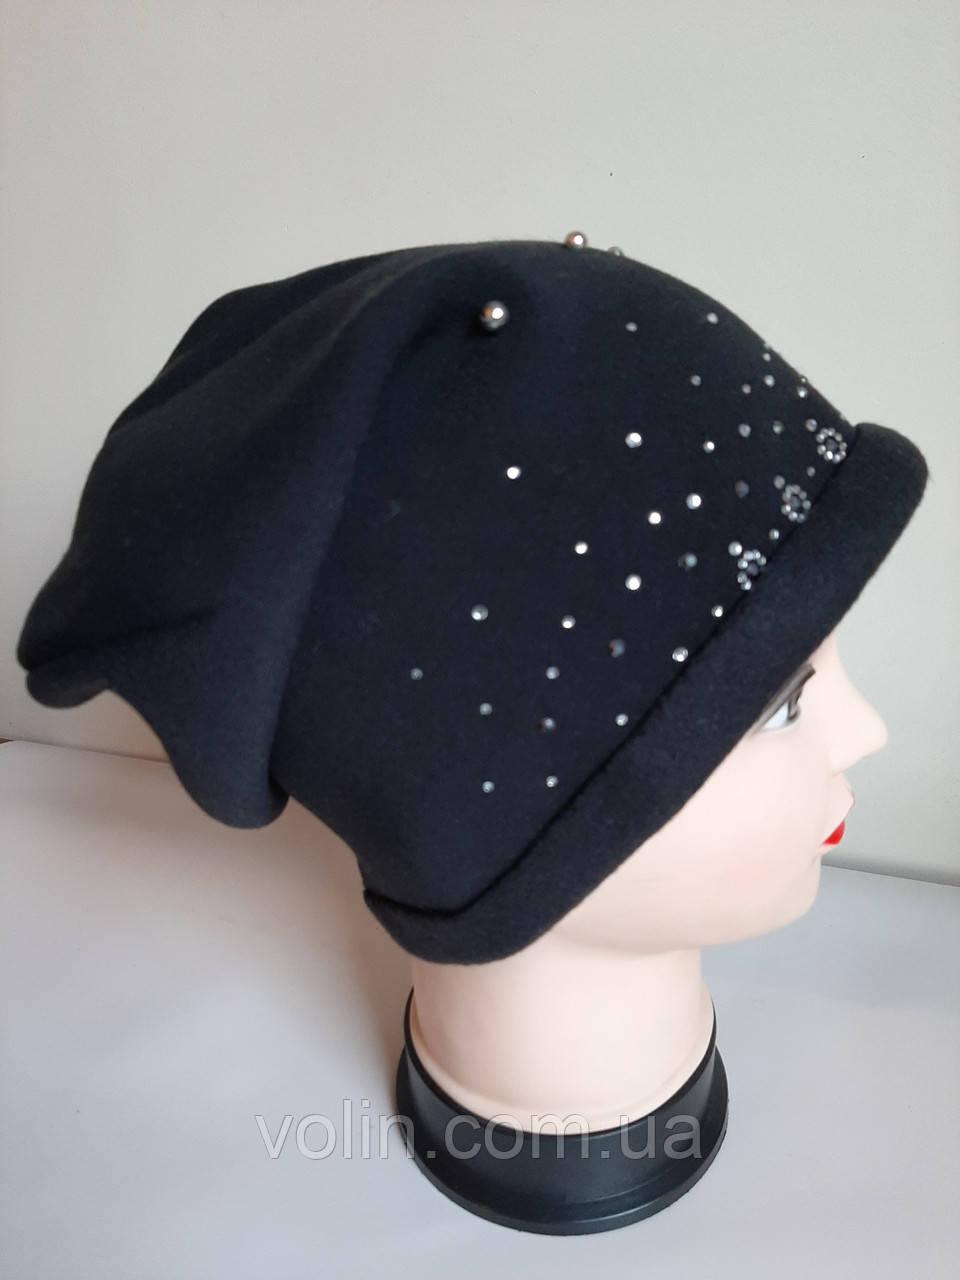 Женская польская шапка бини.